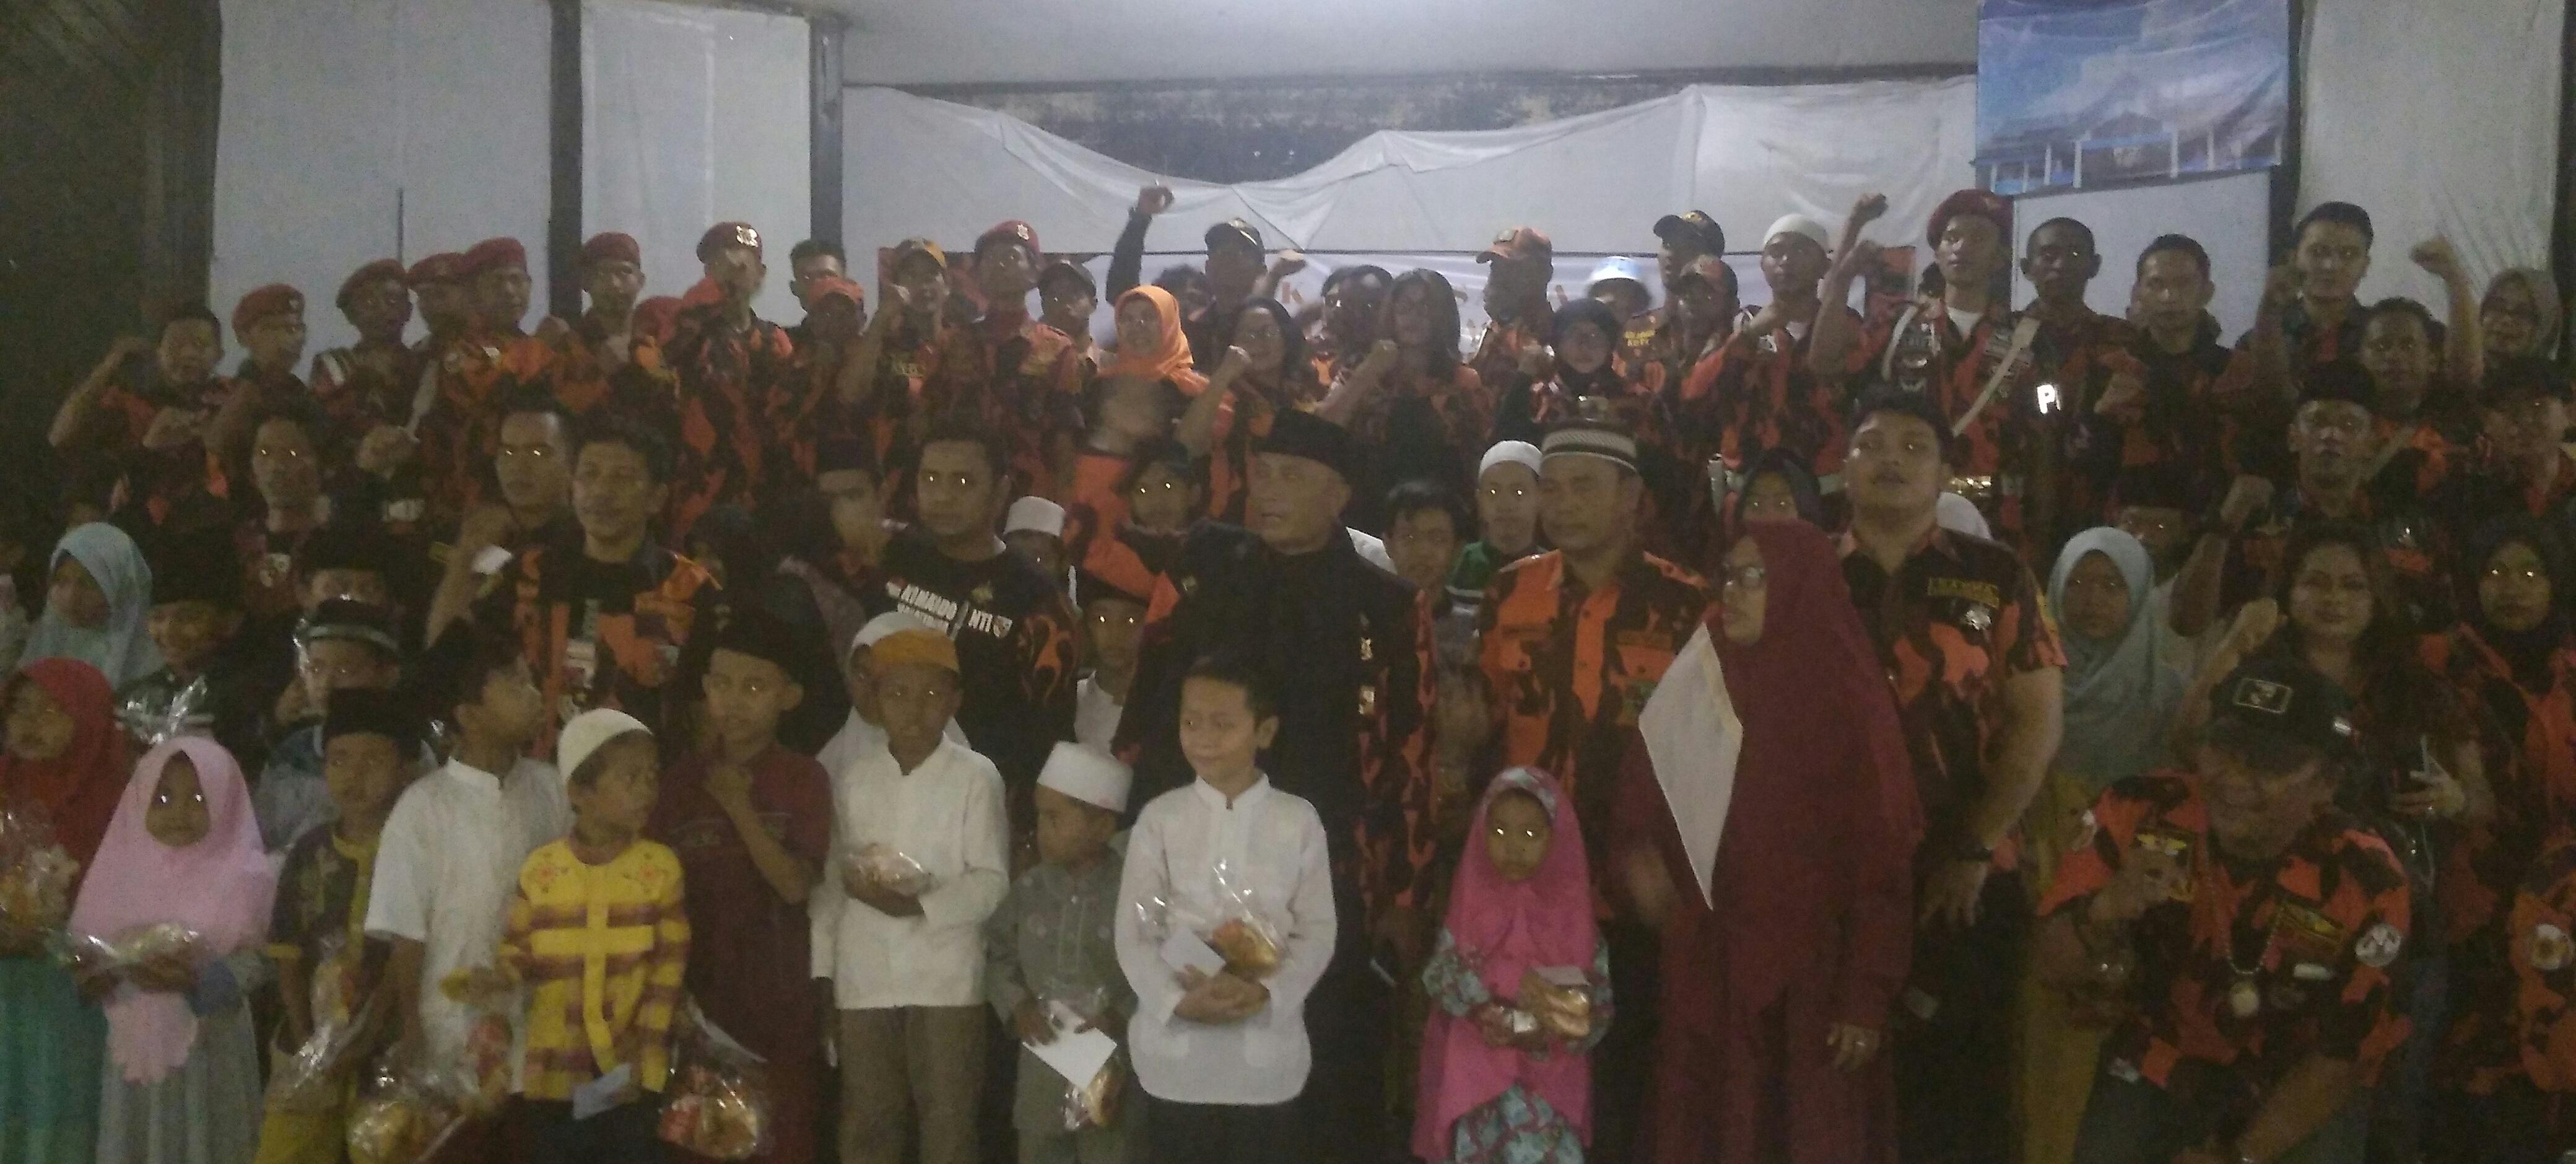 Berbagi Dibulan Puasa 2016 PP Kabupaten Bogor, Berikan Santunan